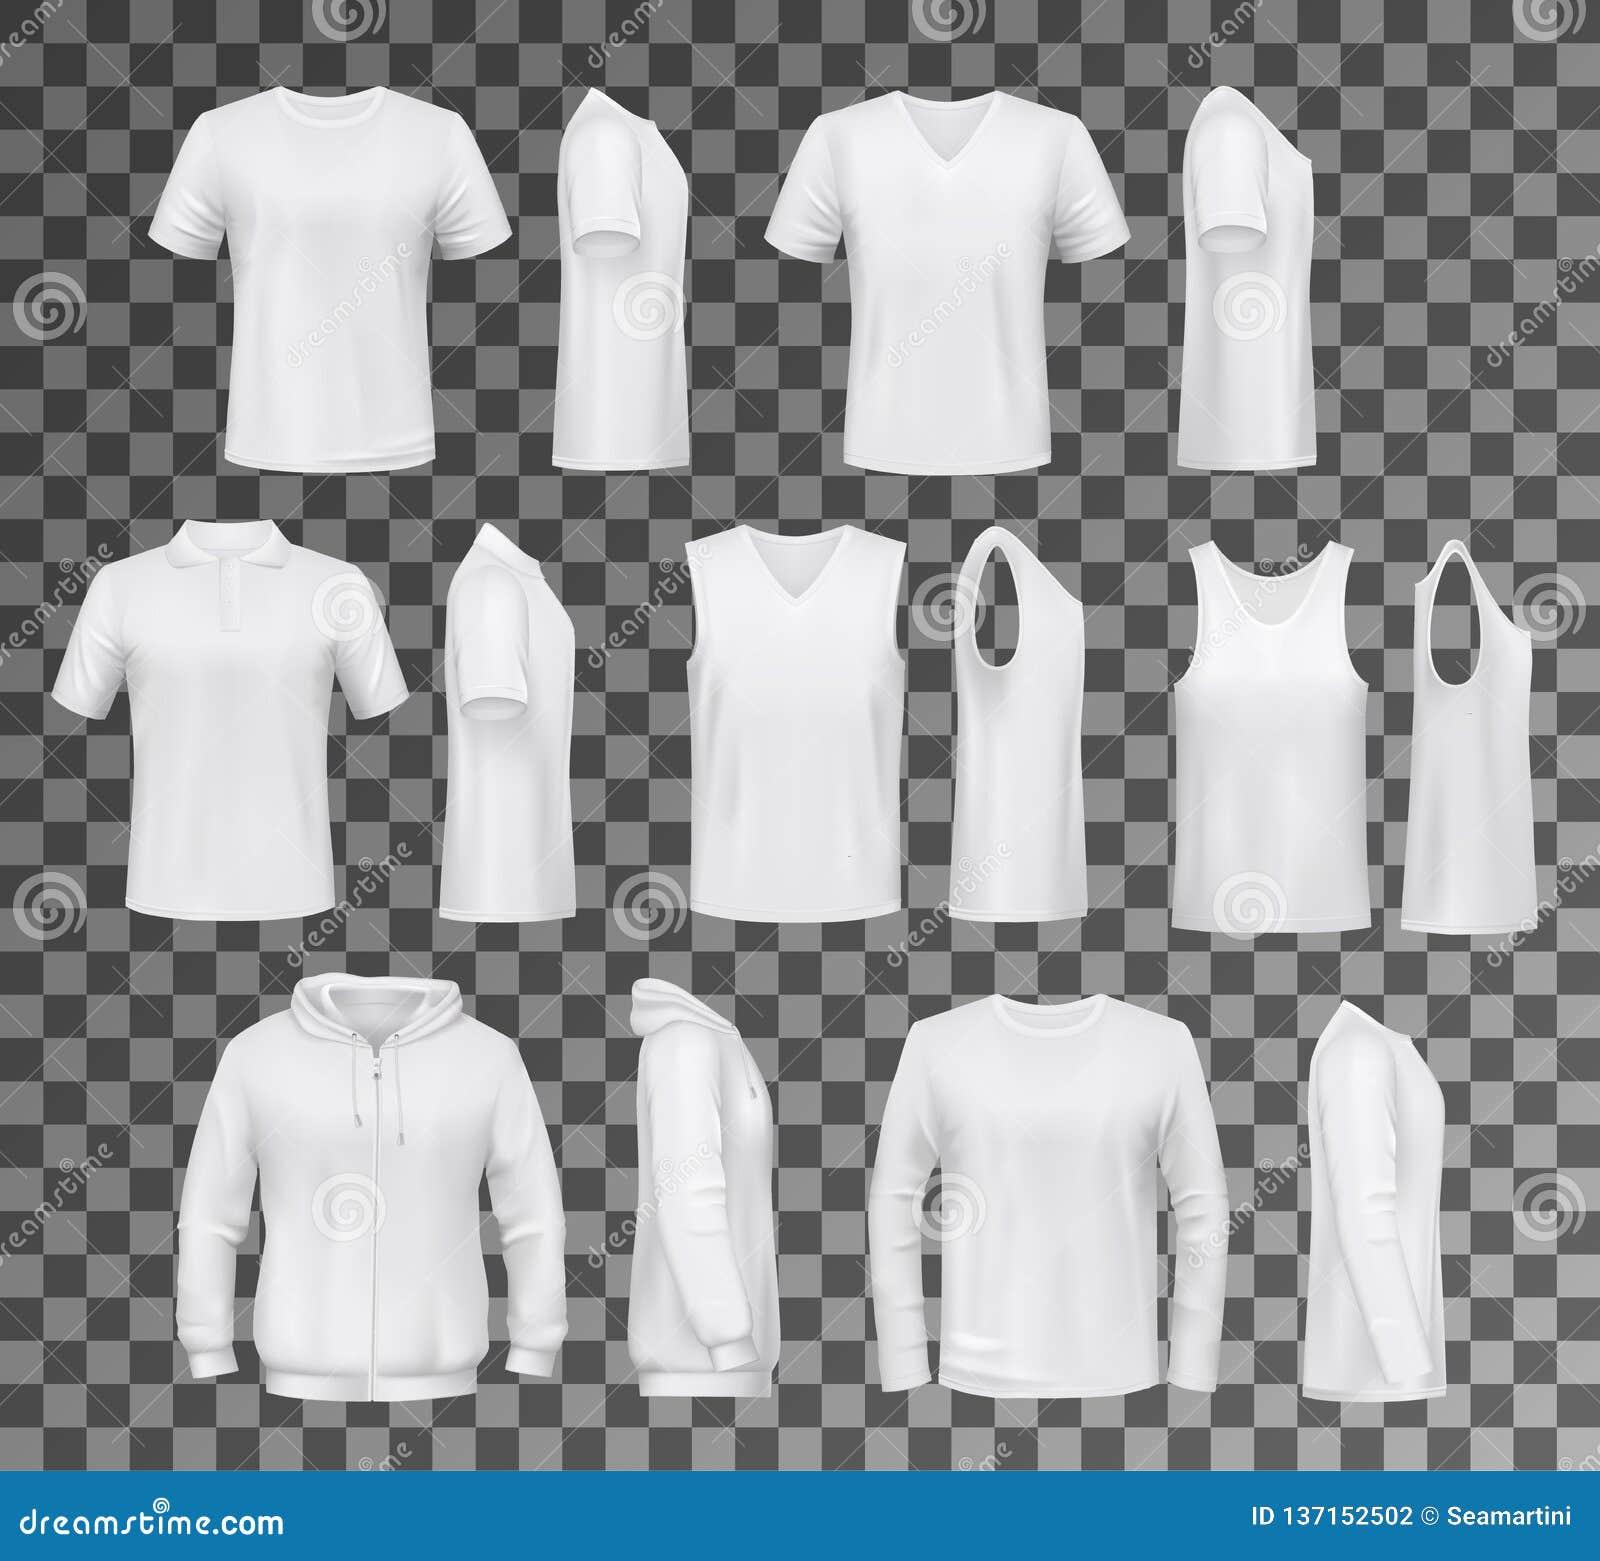 Manlig kläder isolerade blast, skjortor och hoodien